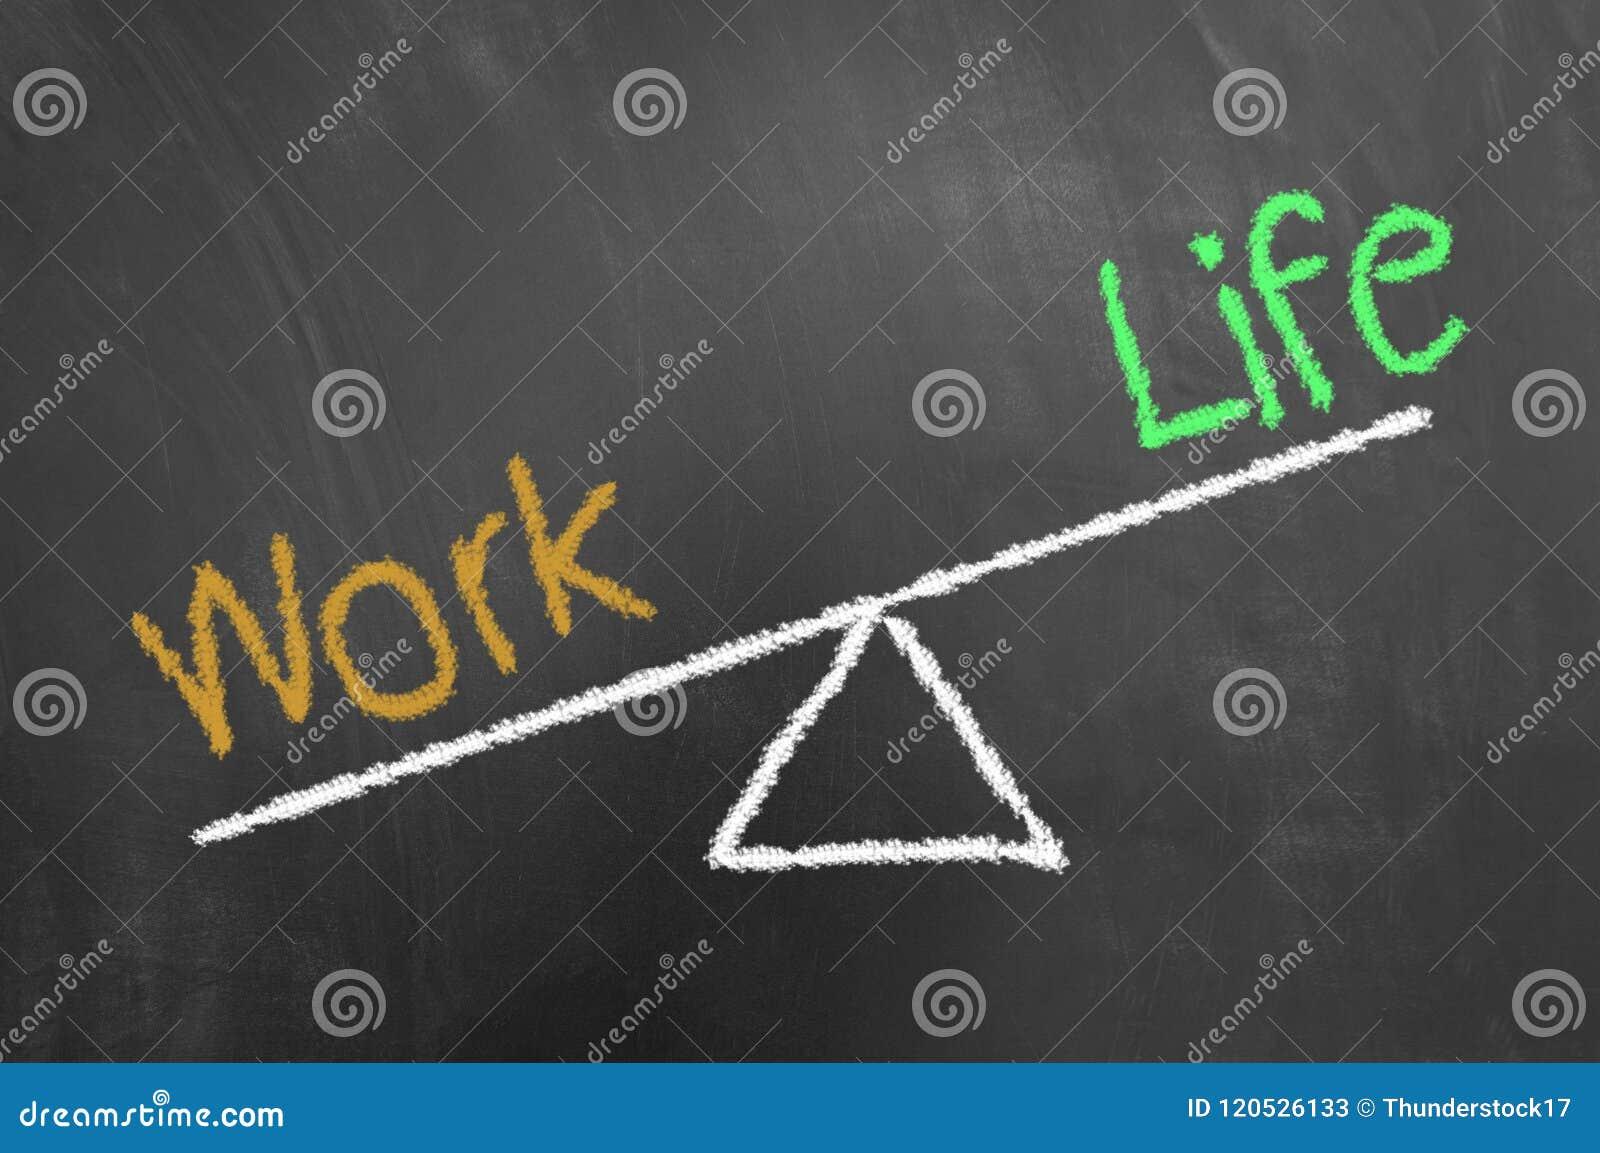 Trabaje el dibujo de tiza del desequilibrio de la vida en la pizarra o la pizarra